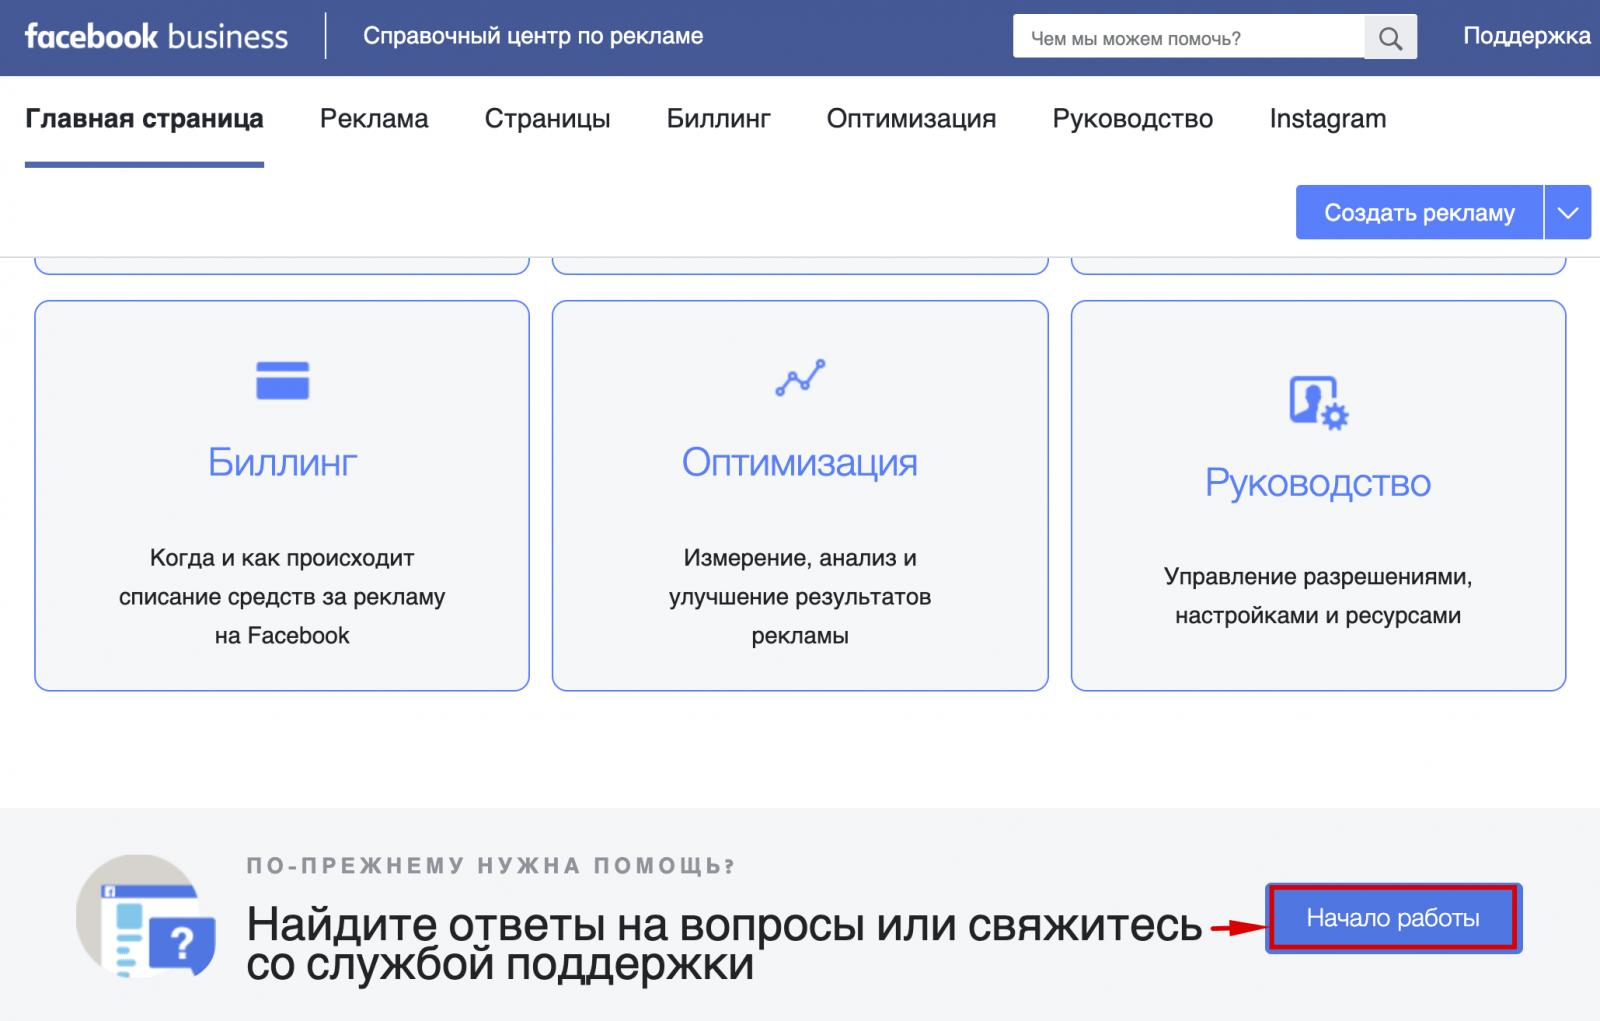 Поддержка Facebook